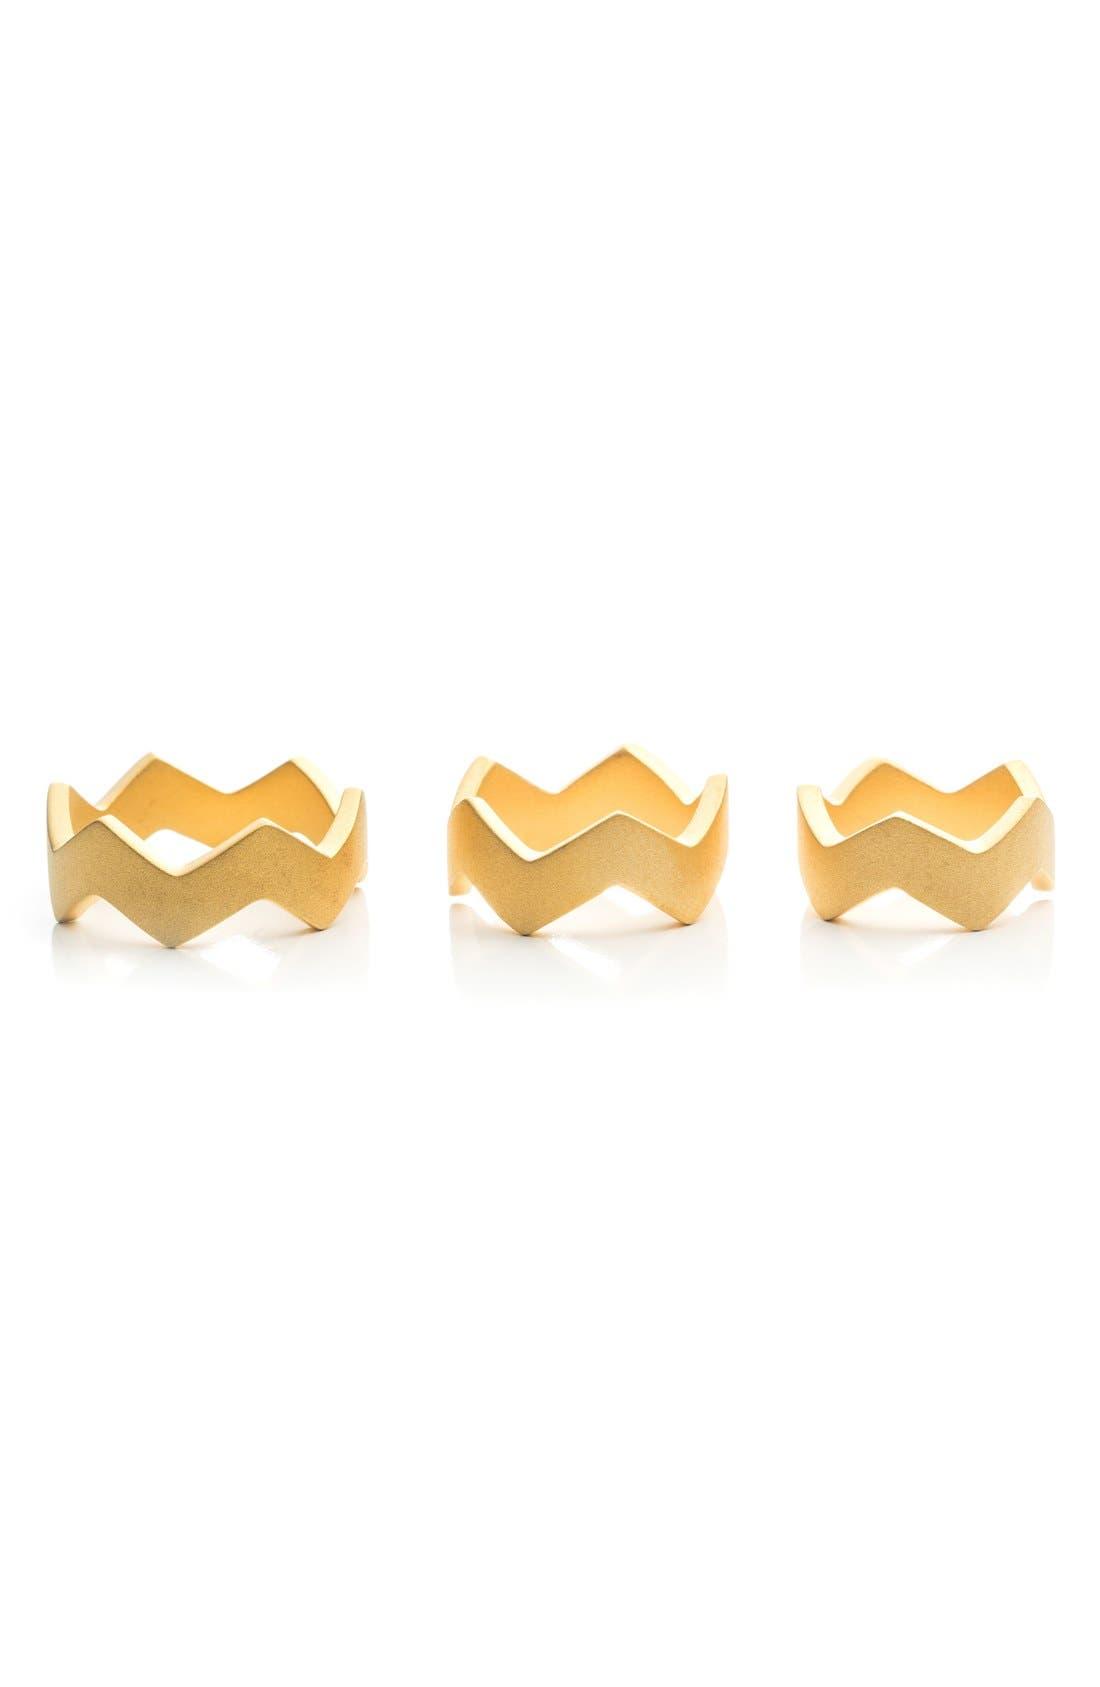 Alternate Image 1 Selected - Eddie Borgo Zigzag Stack Ring (Set of 3)